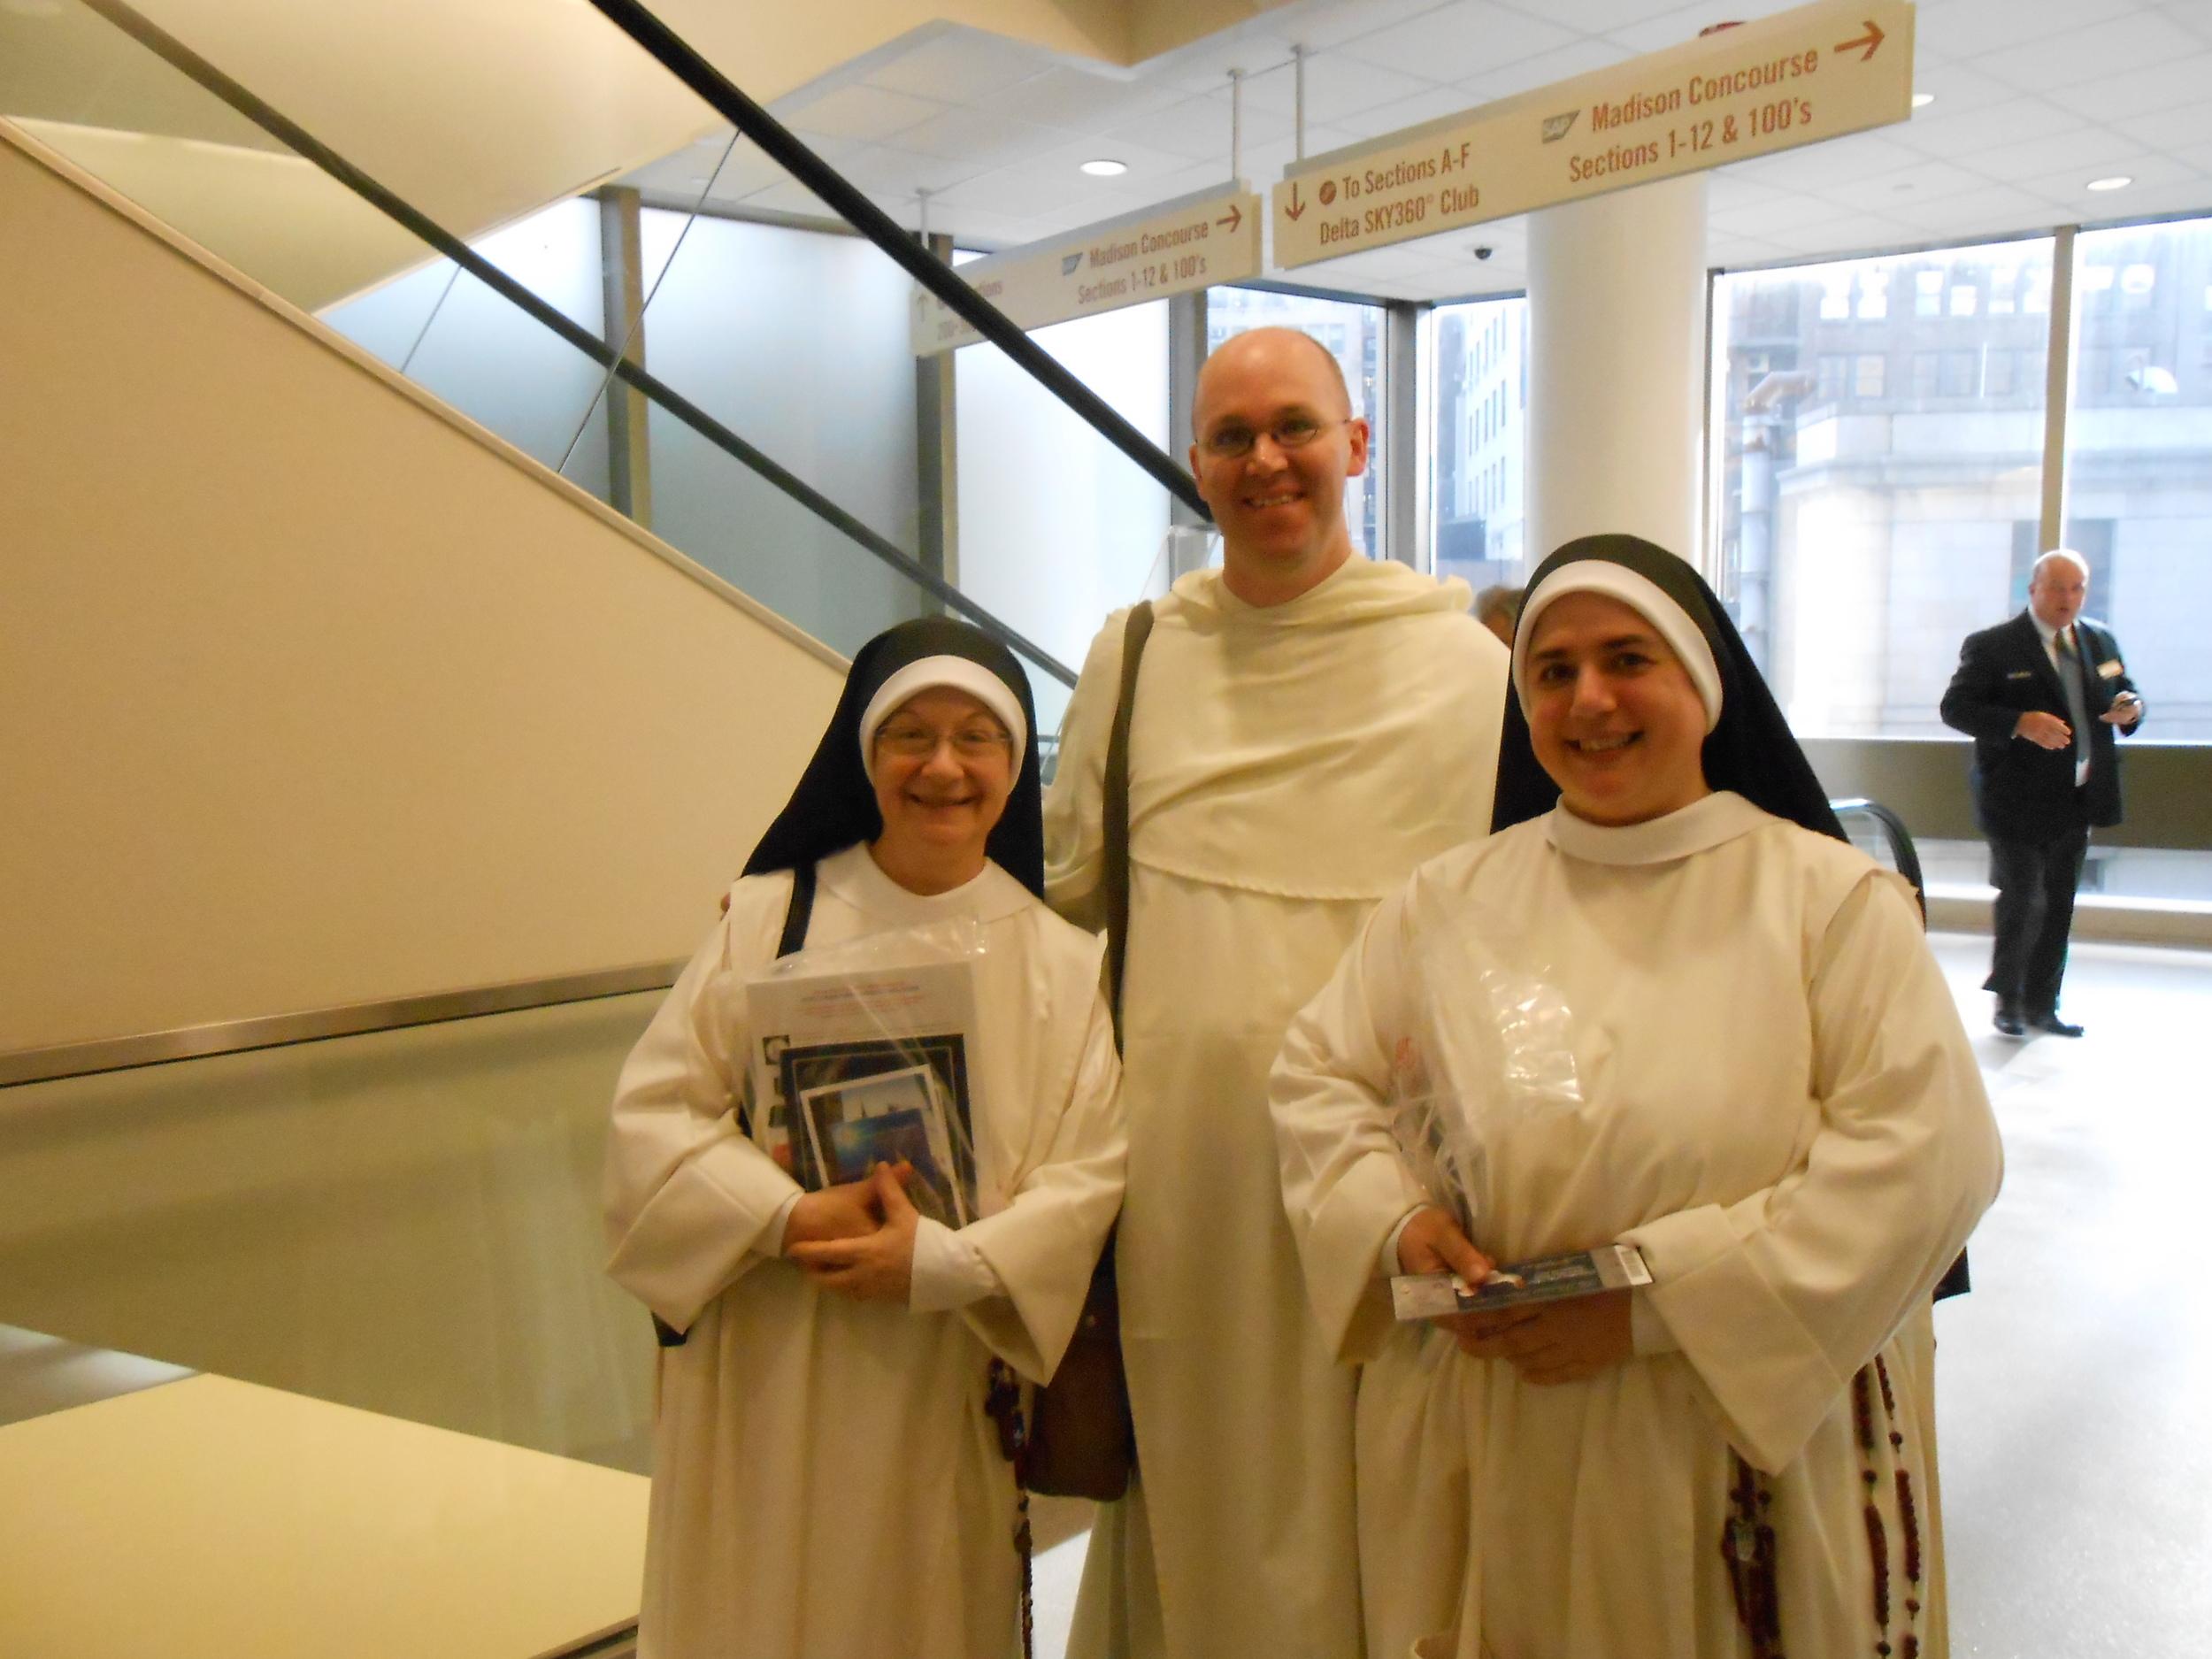 Sr. Denise Marie, Fr. Jonah Pollack, Sr. Mary Catharine